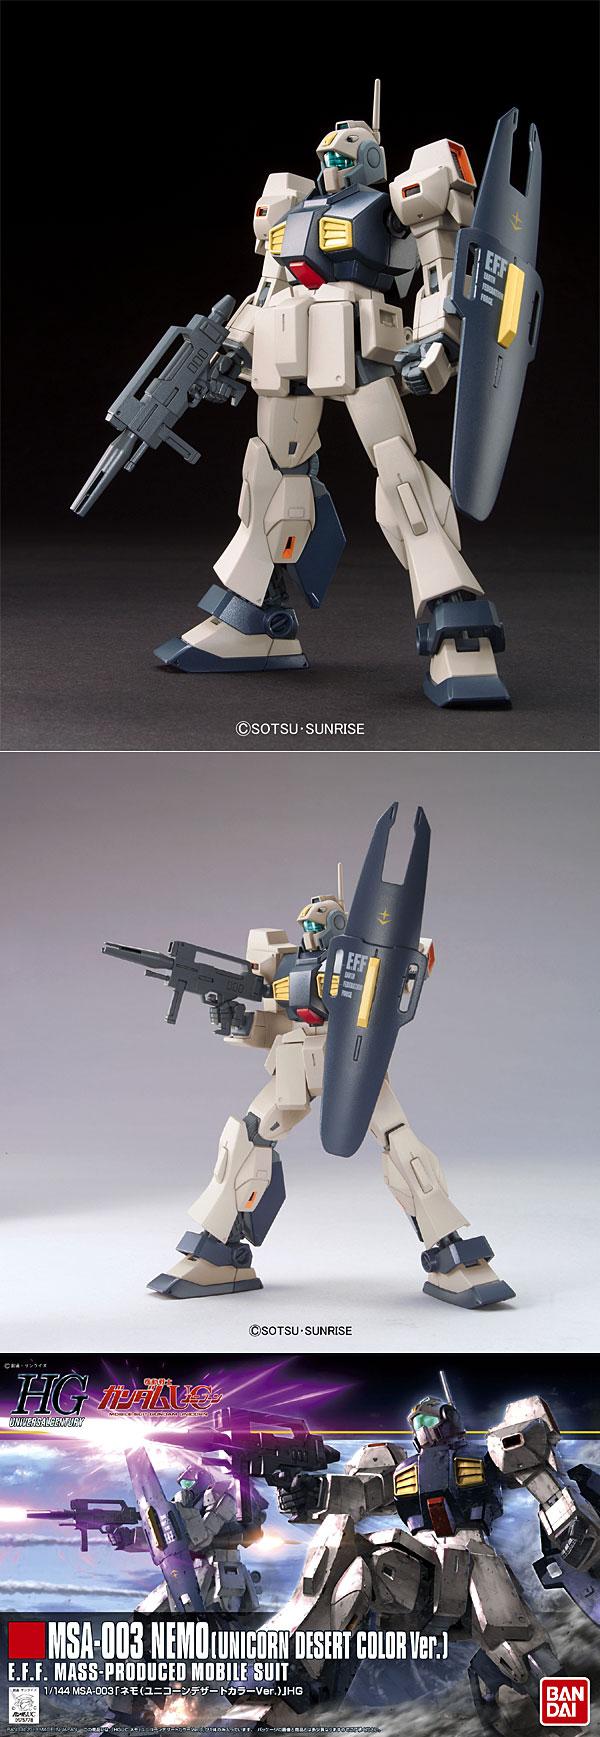 MSA-003 ネモ(ユニコーンデザートカラーVer.) HGUC